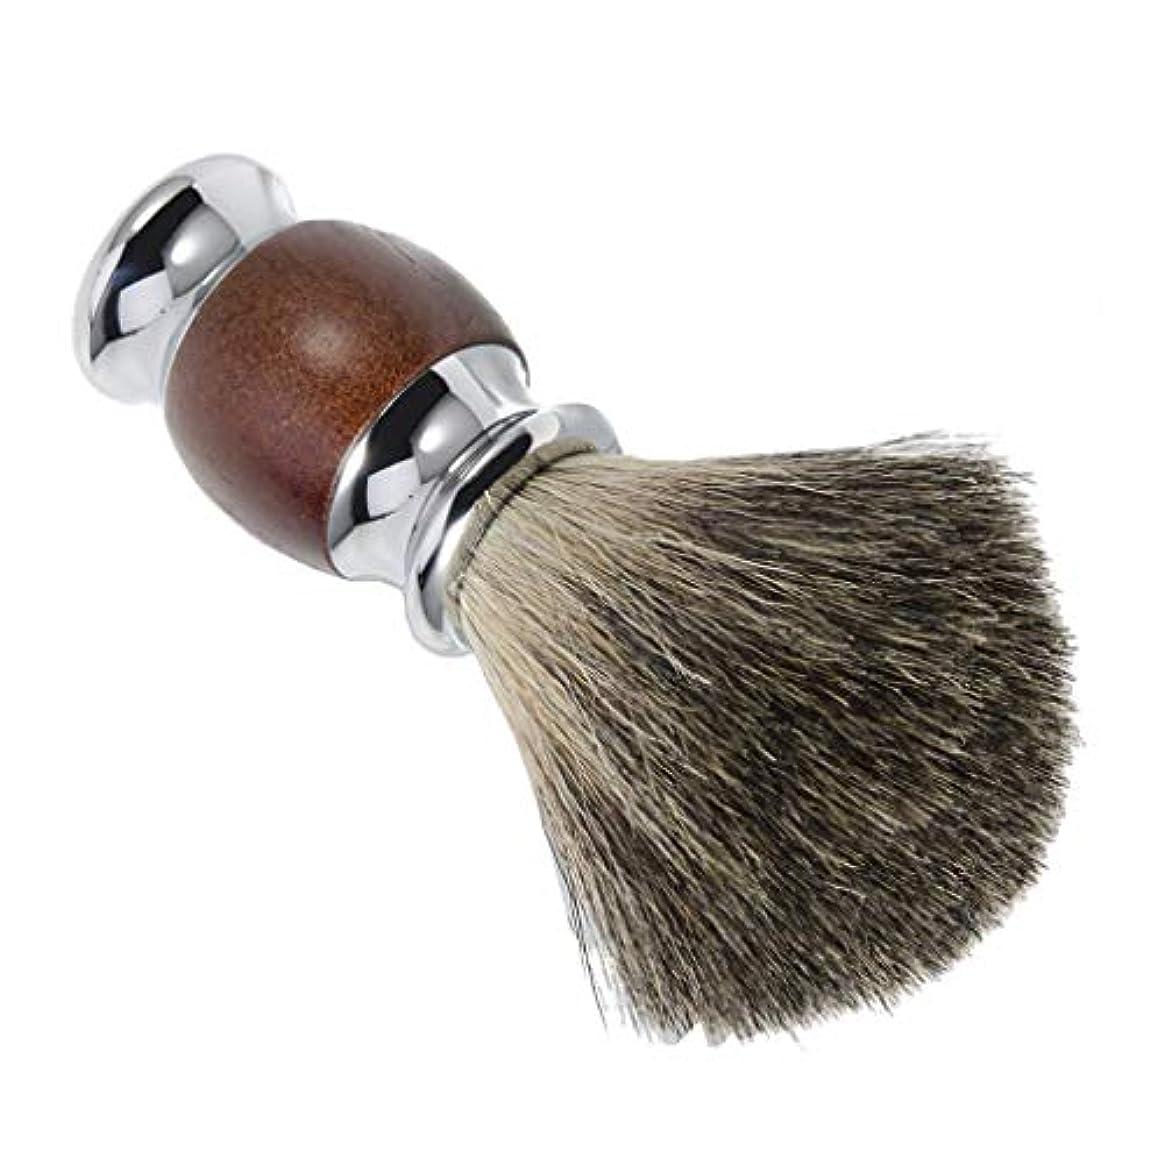 サーキットに行く用心間違えたシェービング用ブラシ 木製ハンドル メンズ 理容 洗顔 髭剃り 泡立ち 贈り物